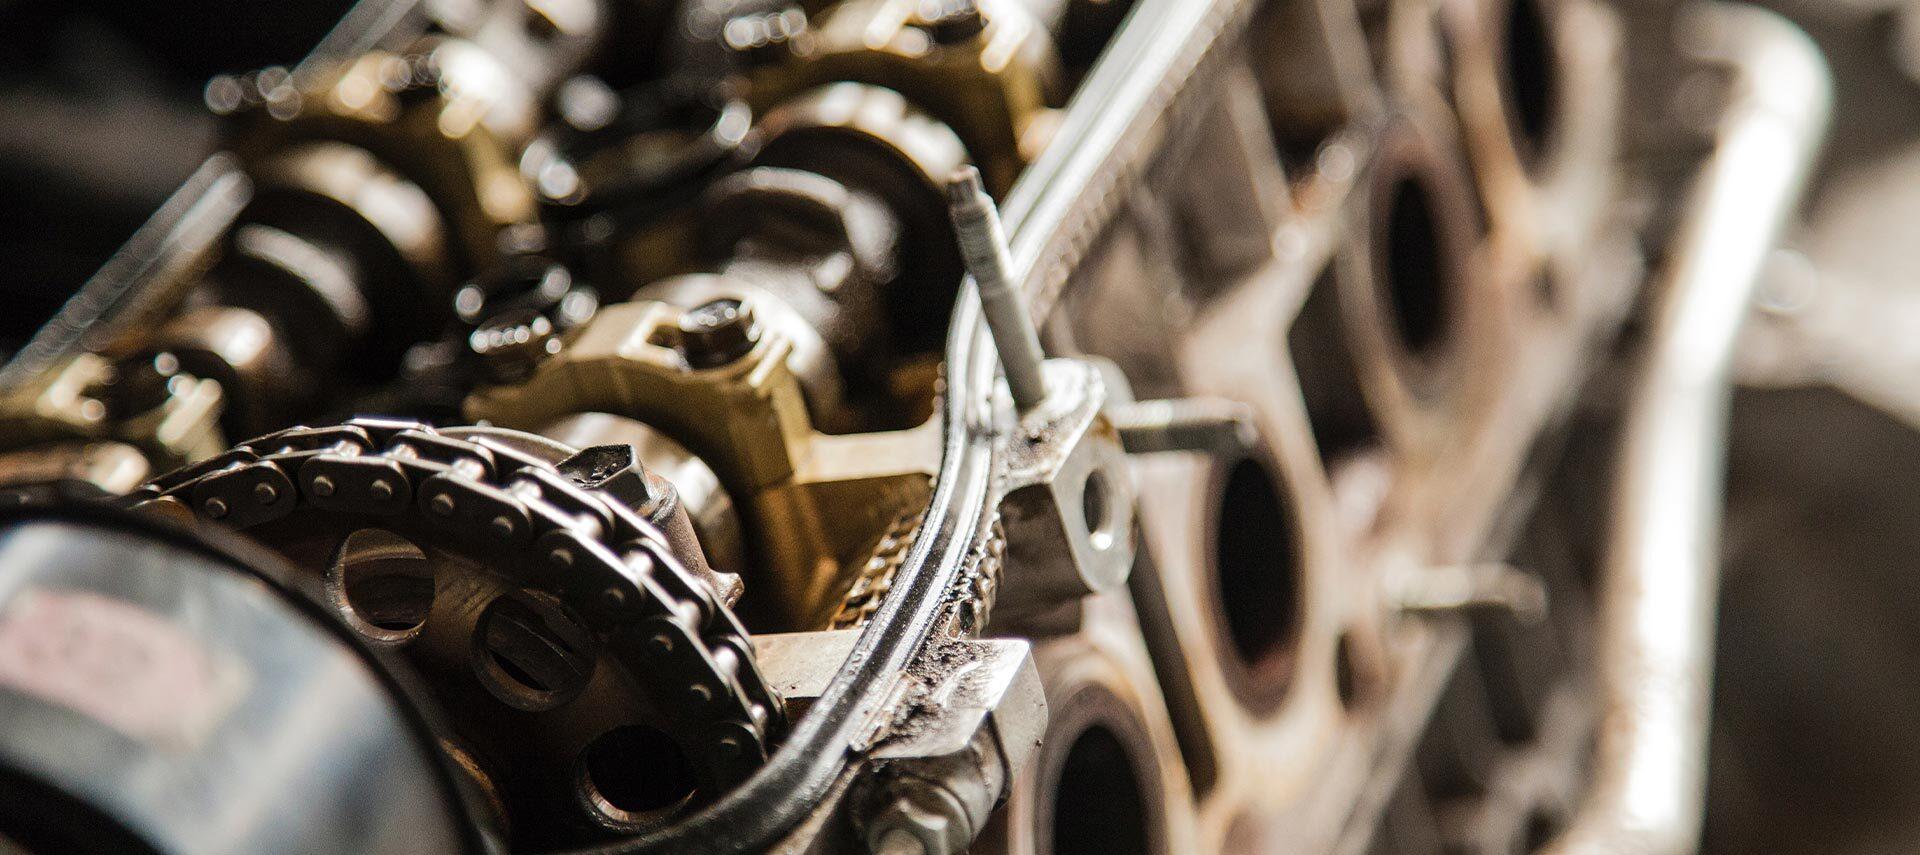 GIA Insurance Brokers - The hidden costs of equipment breakdown Header Image